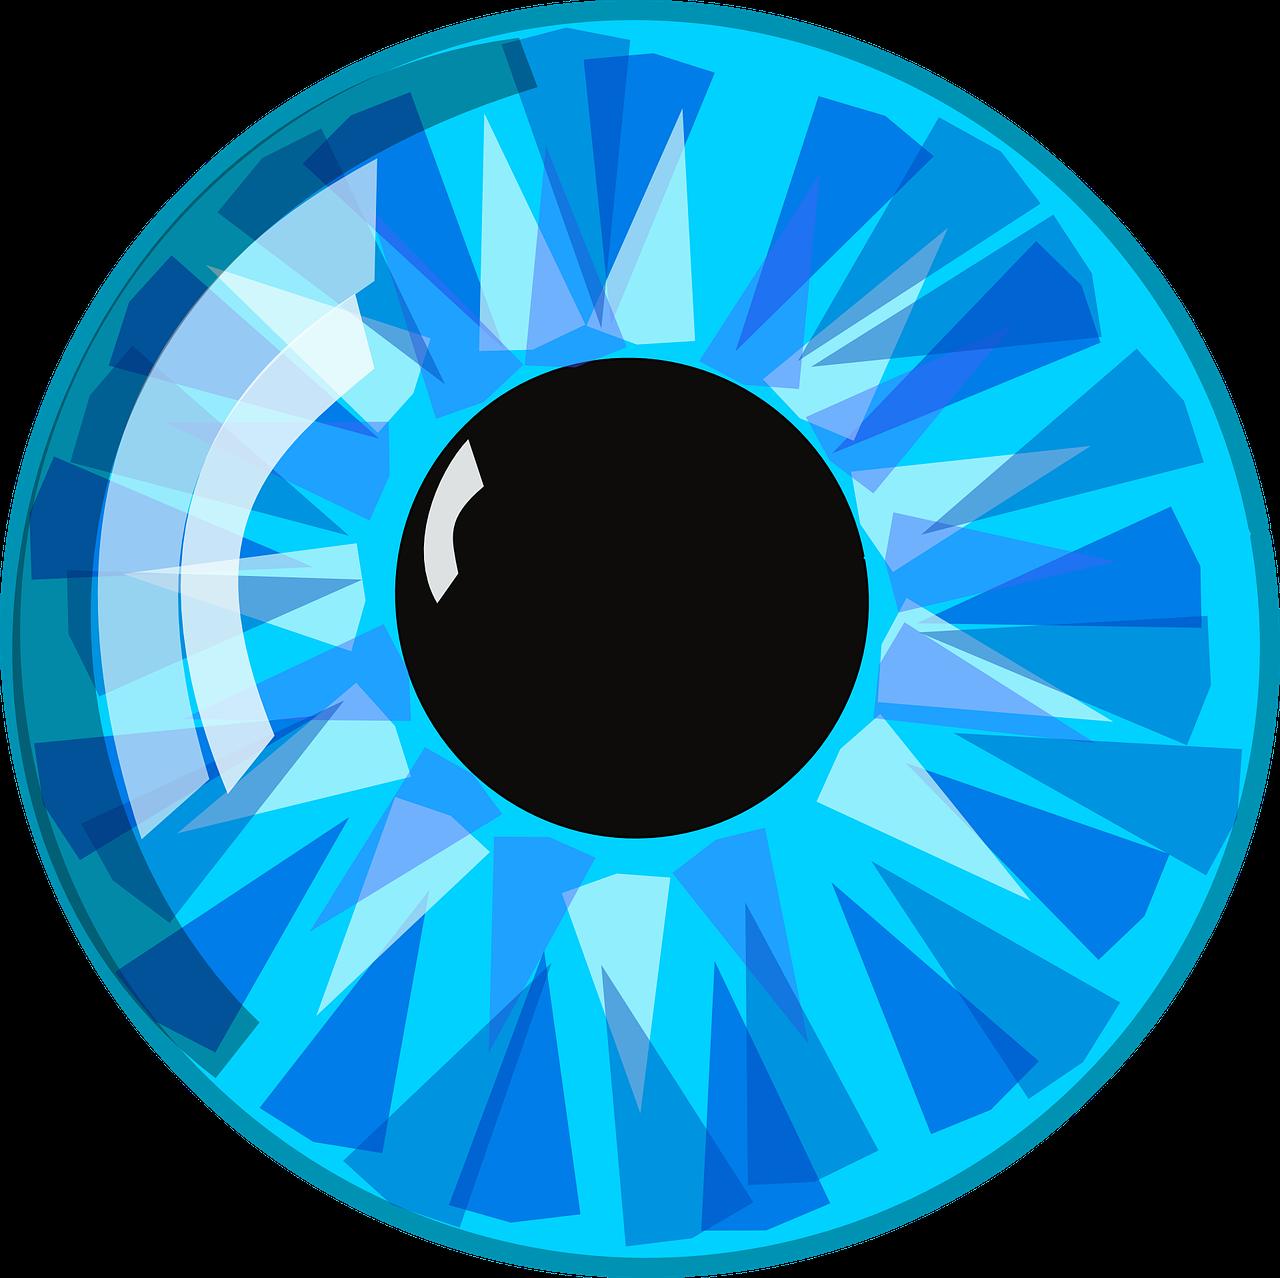 bluest eye outline